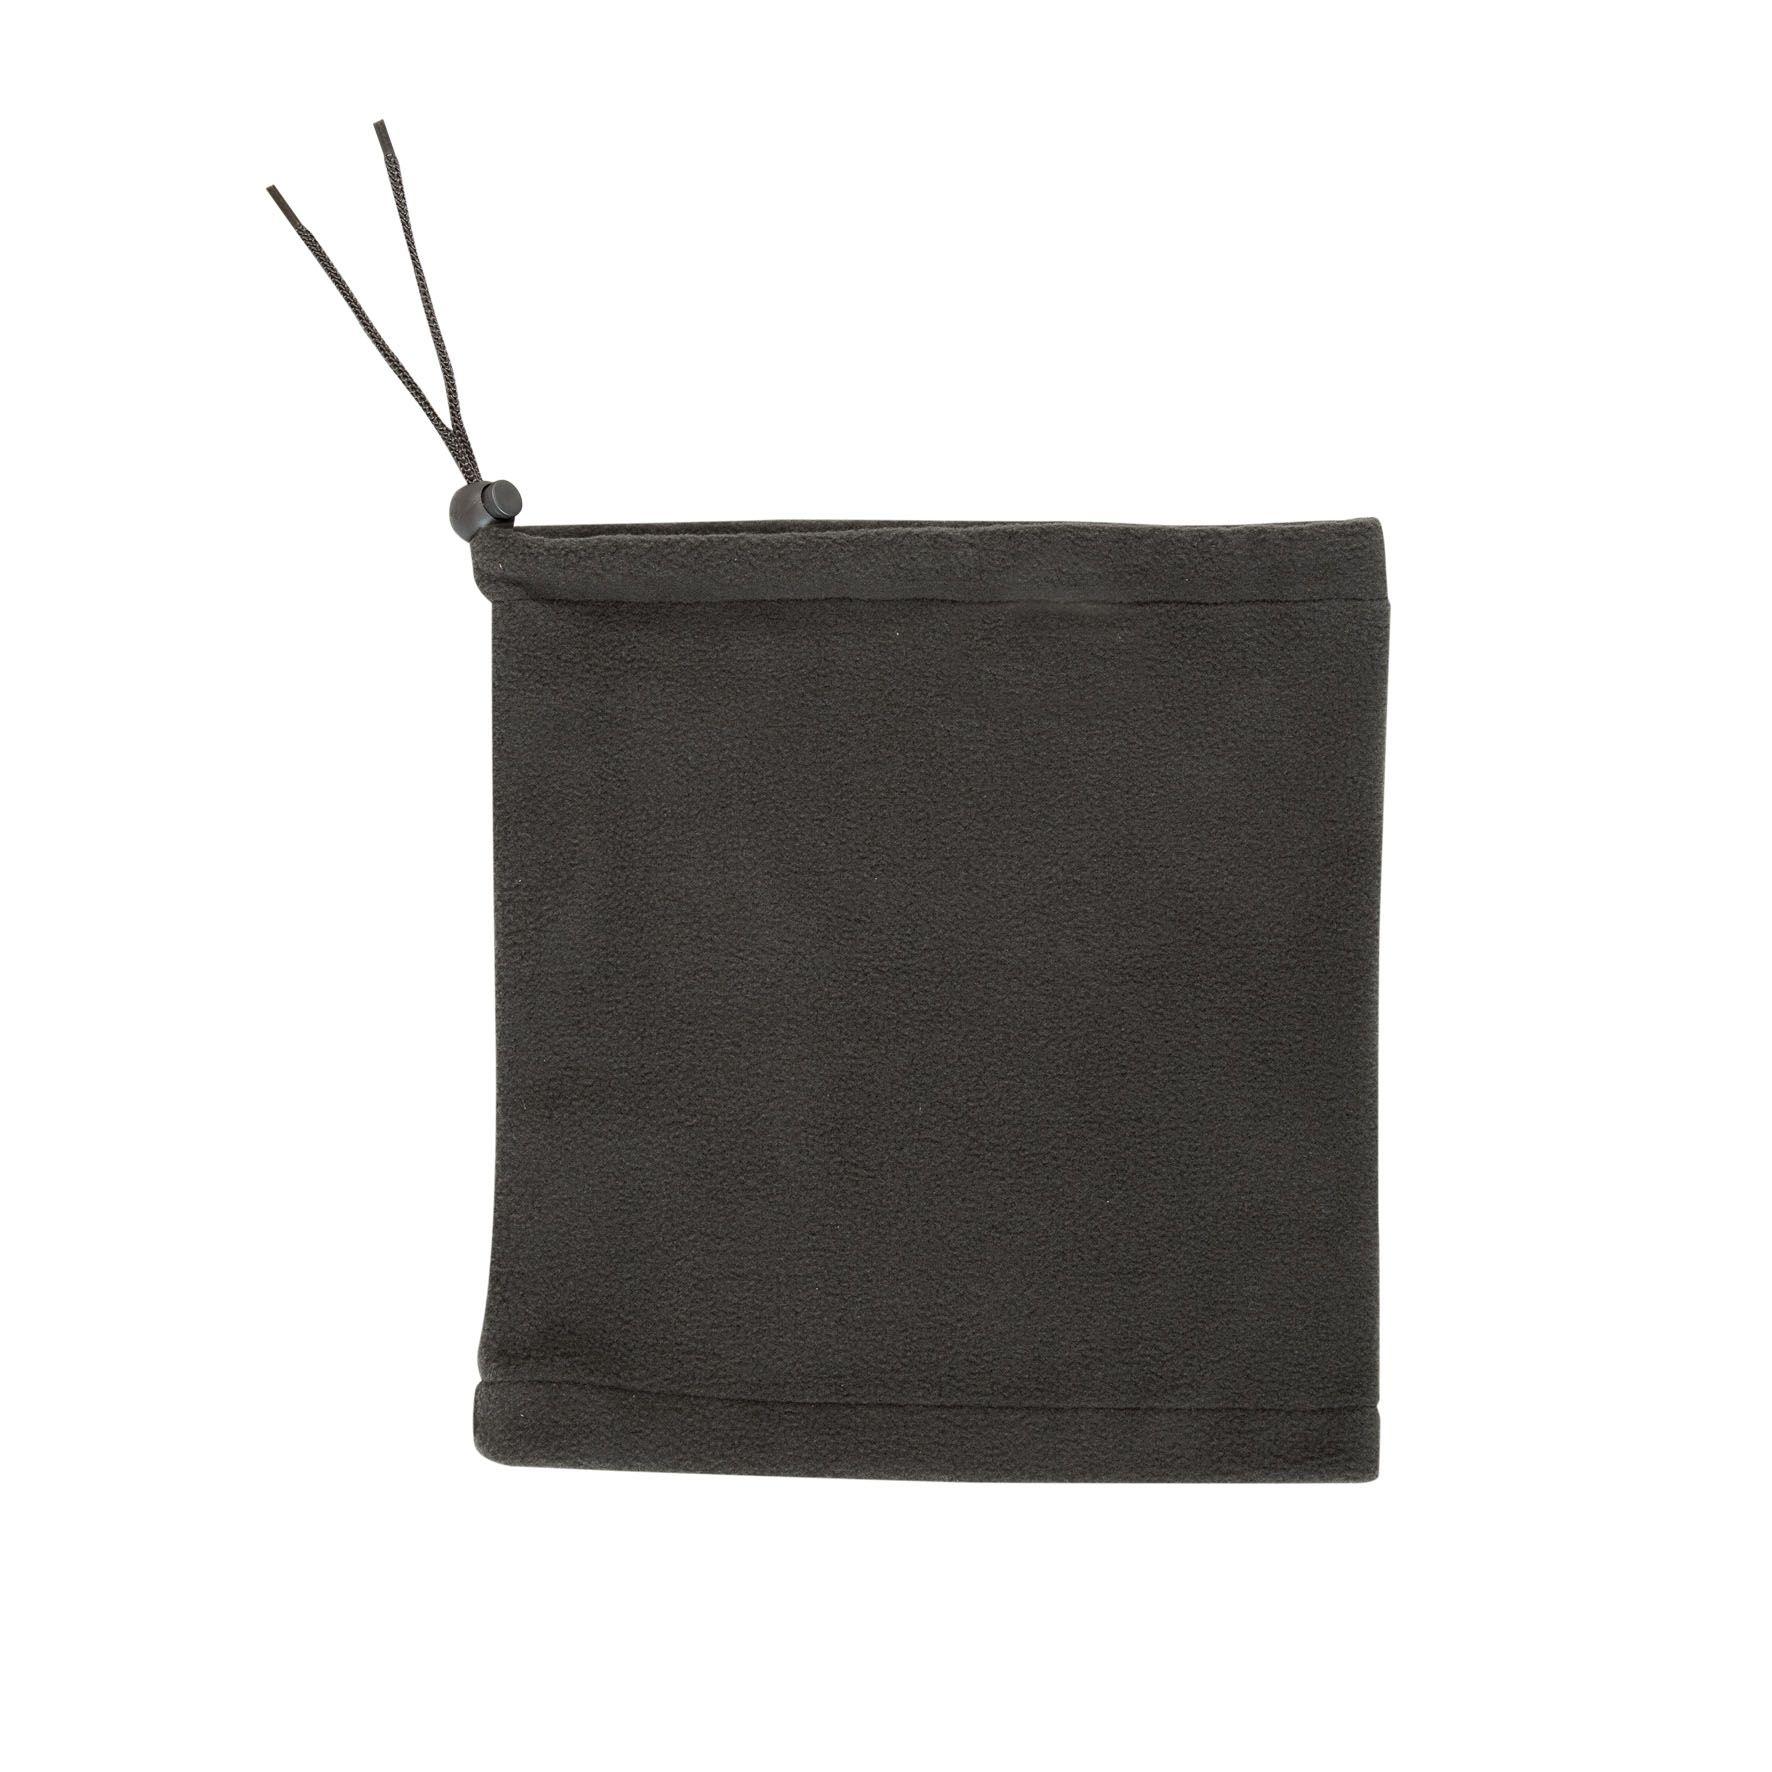 Cadeau publicitaire textile - Tour de cou  / Bonnet personnalisable Kagoul